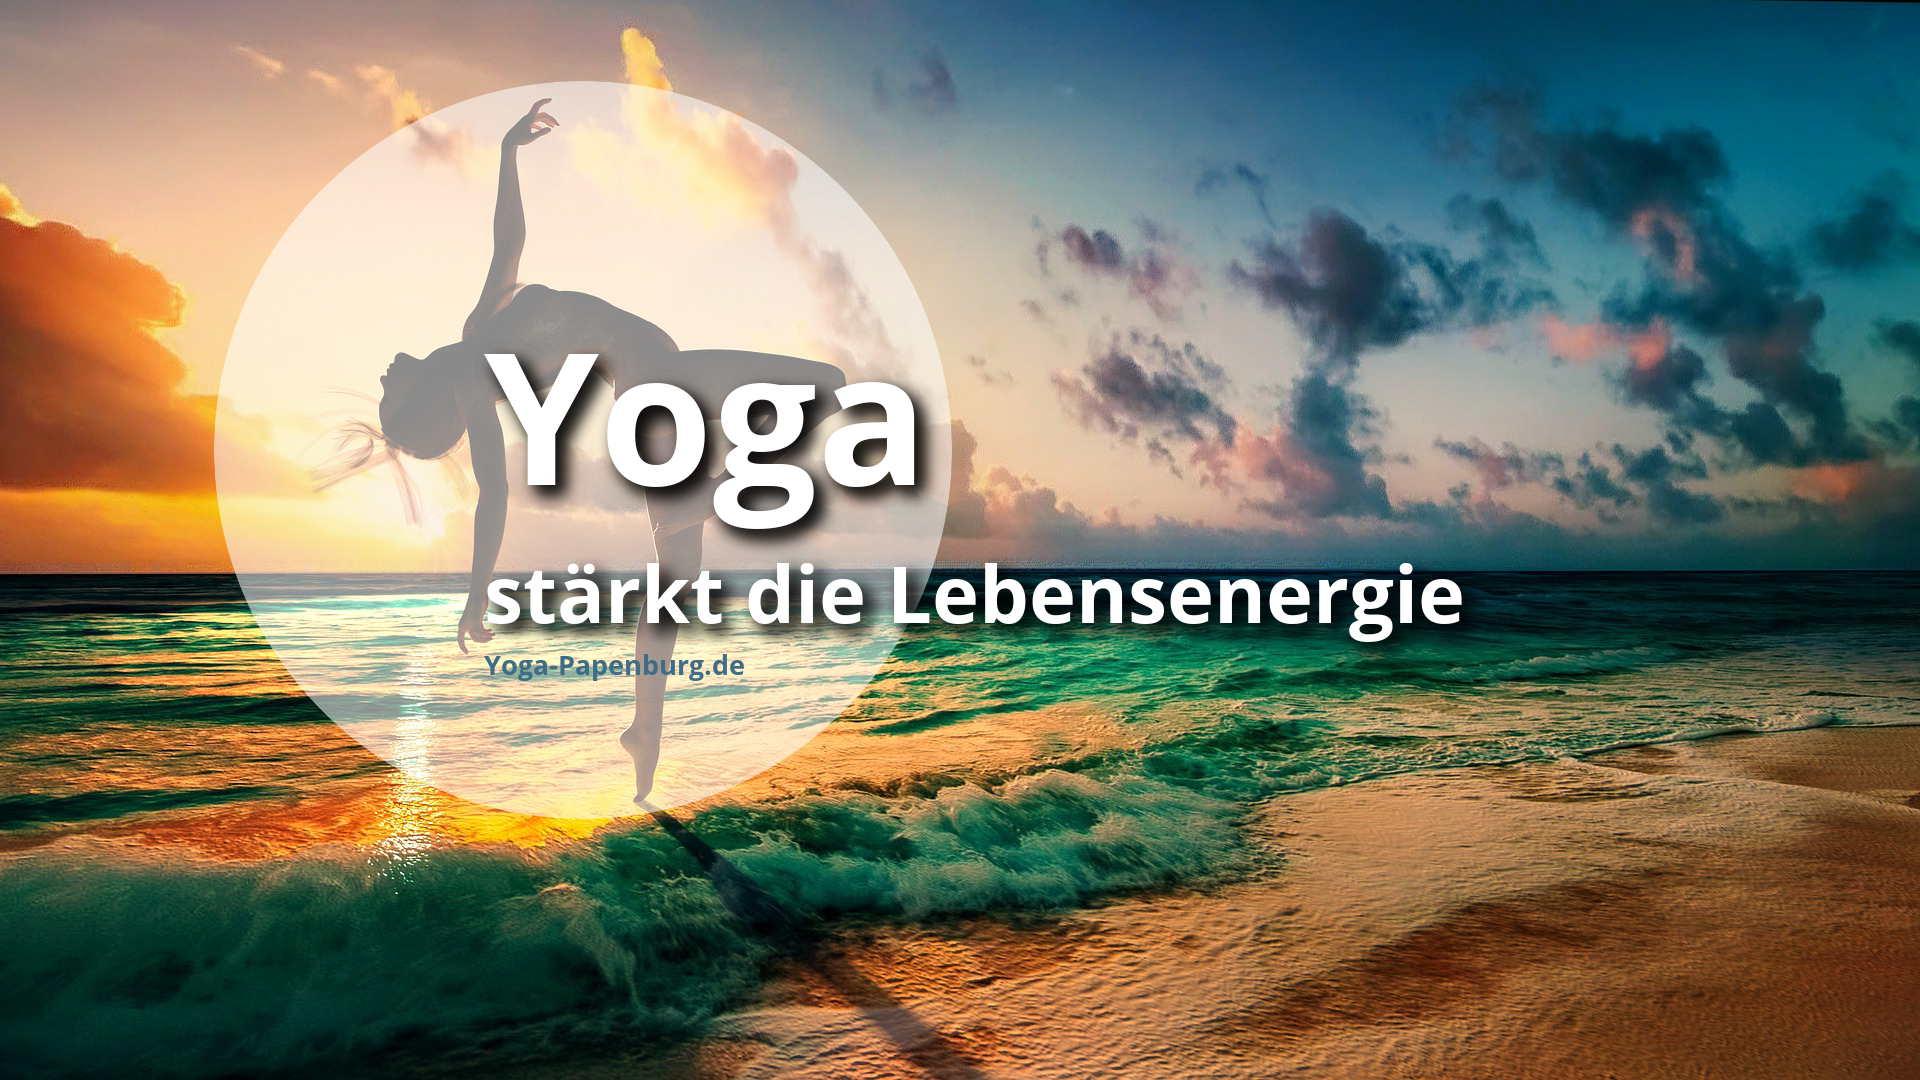 Yoga stärkt die Lebensenergie